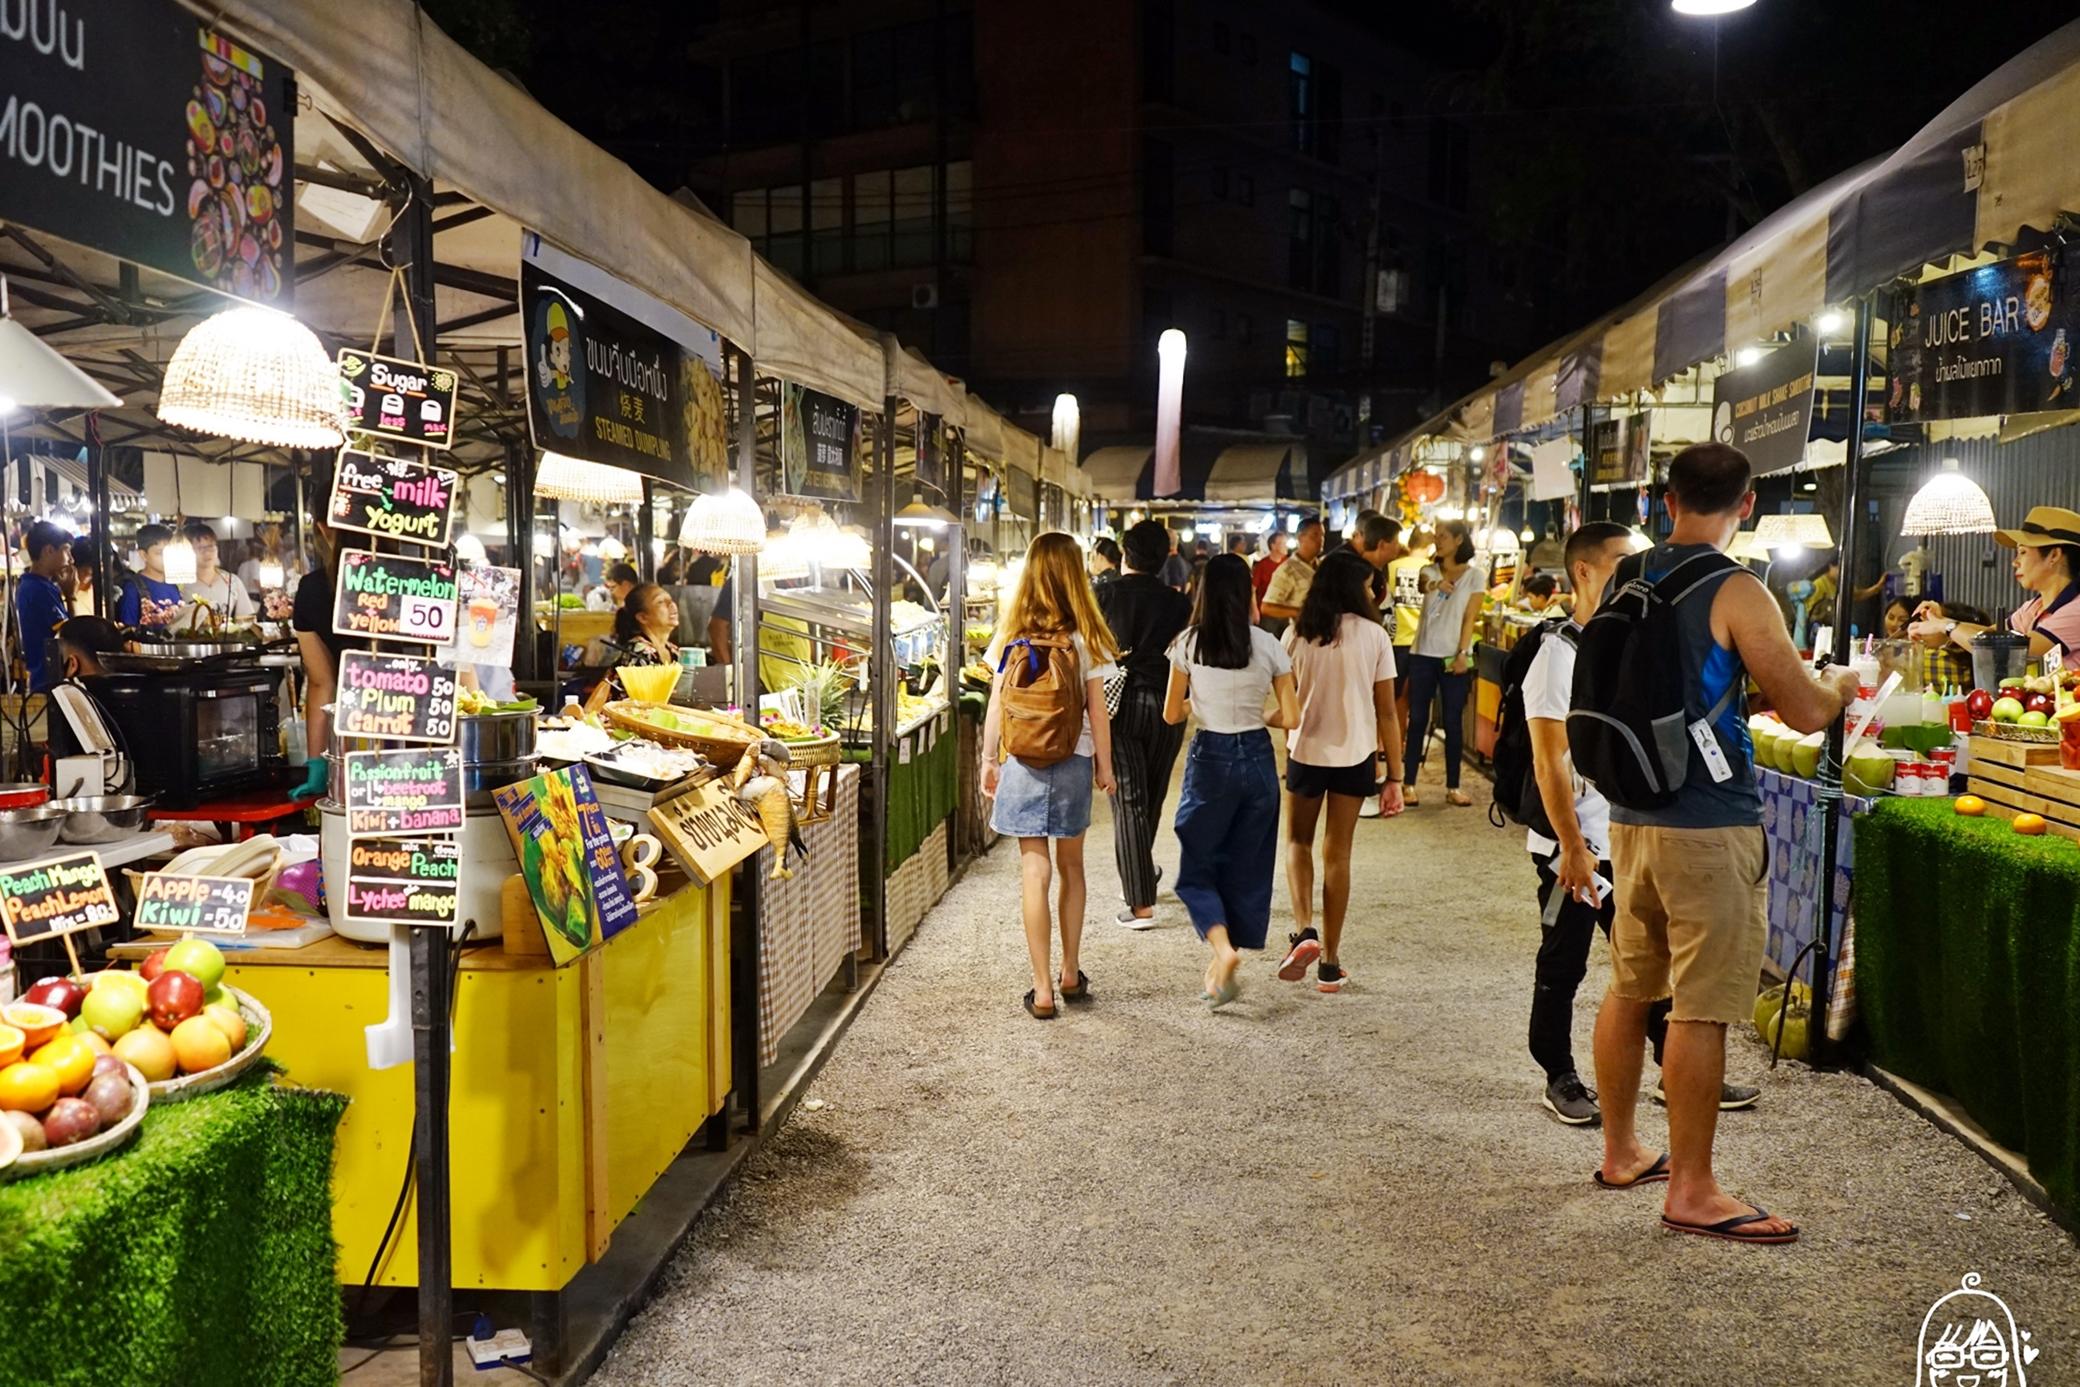 『泰國。華欣』 新美食廣場 Tamarind Market Chic and Chill 羅望子夜市|每星期四五六日營業,聽歌吃街邊美食的泰國夜市情調。